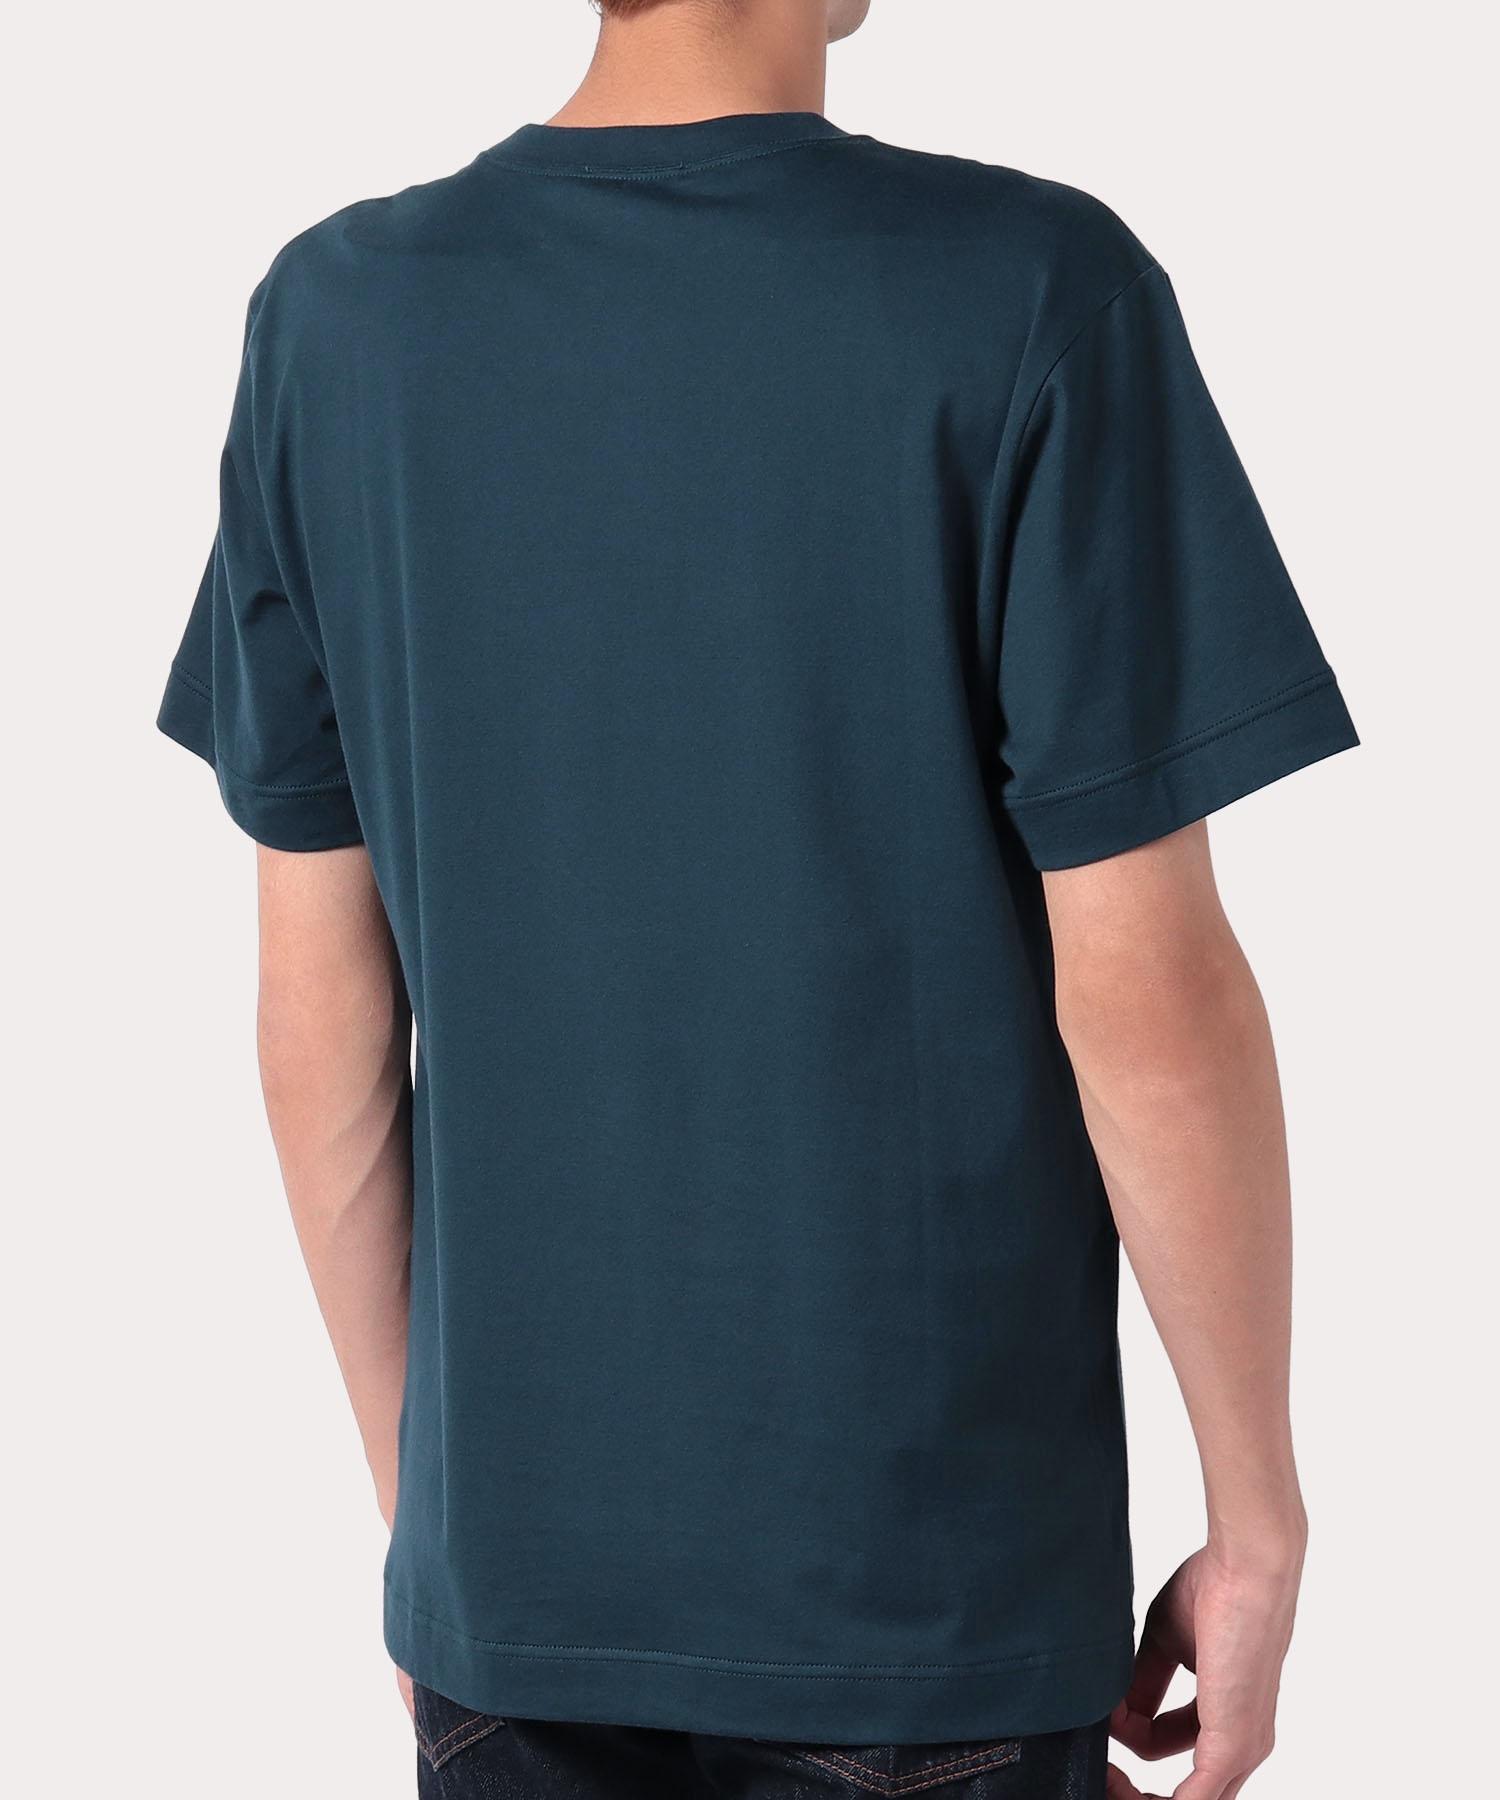 タグ リラックス半袖Tシャツ